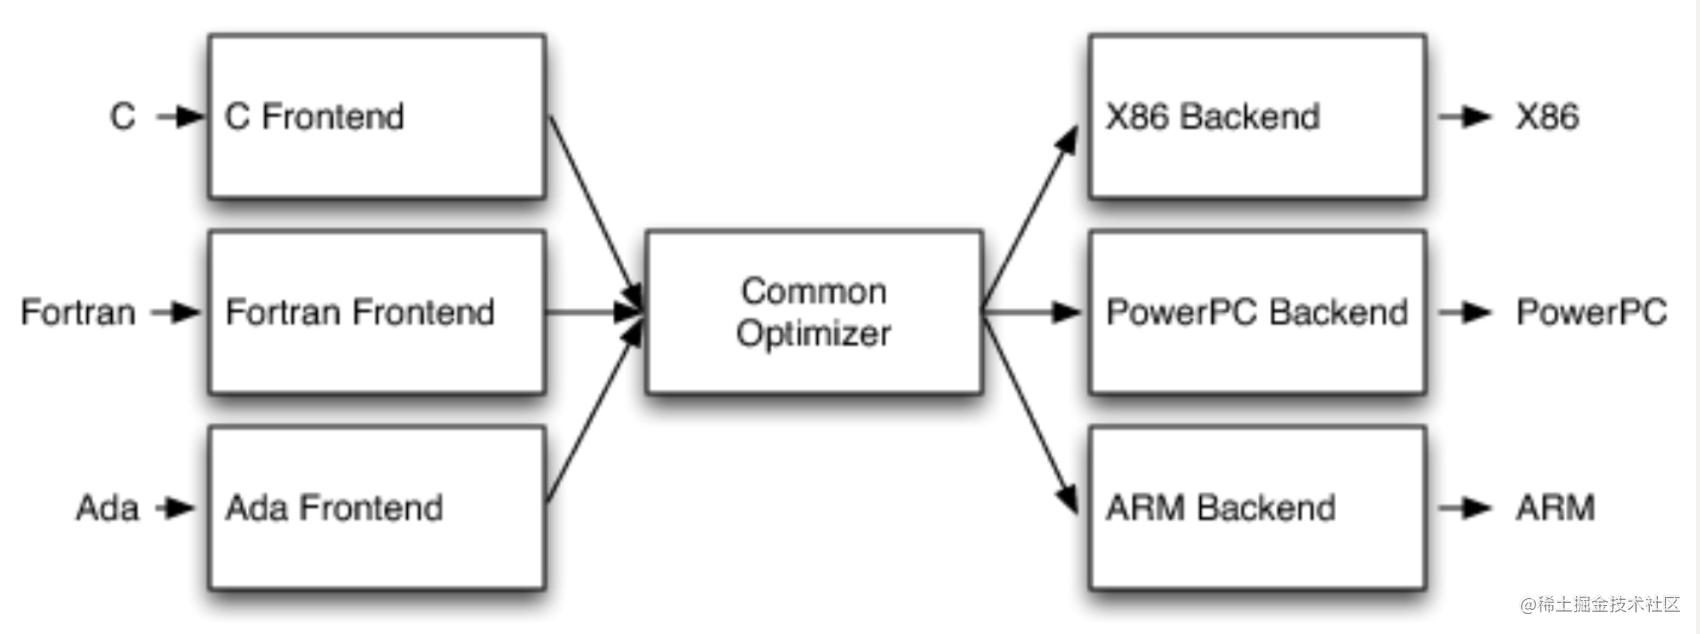 编译器架构分析